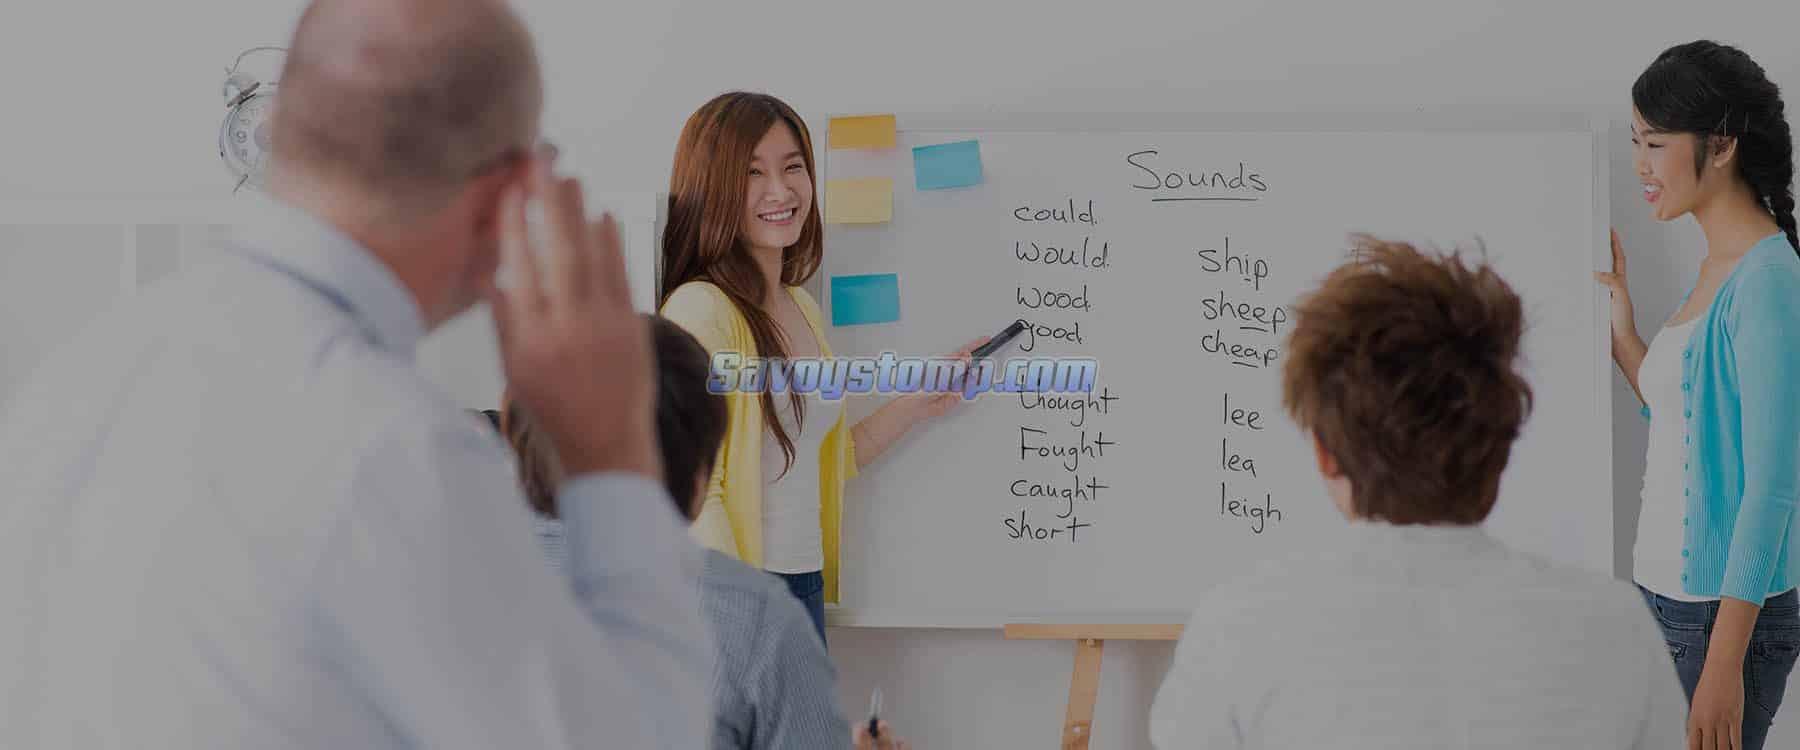 Soal-Bahasa-Inggris-Kelas-5